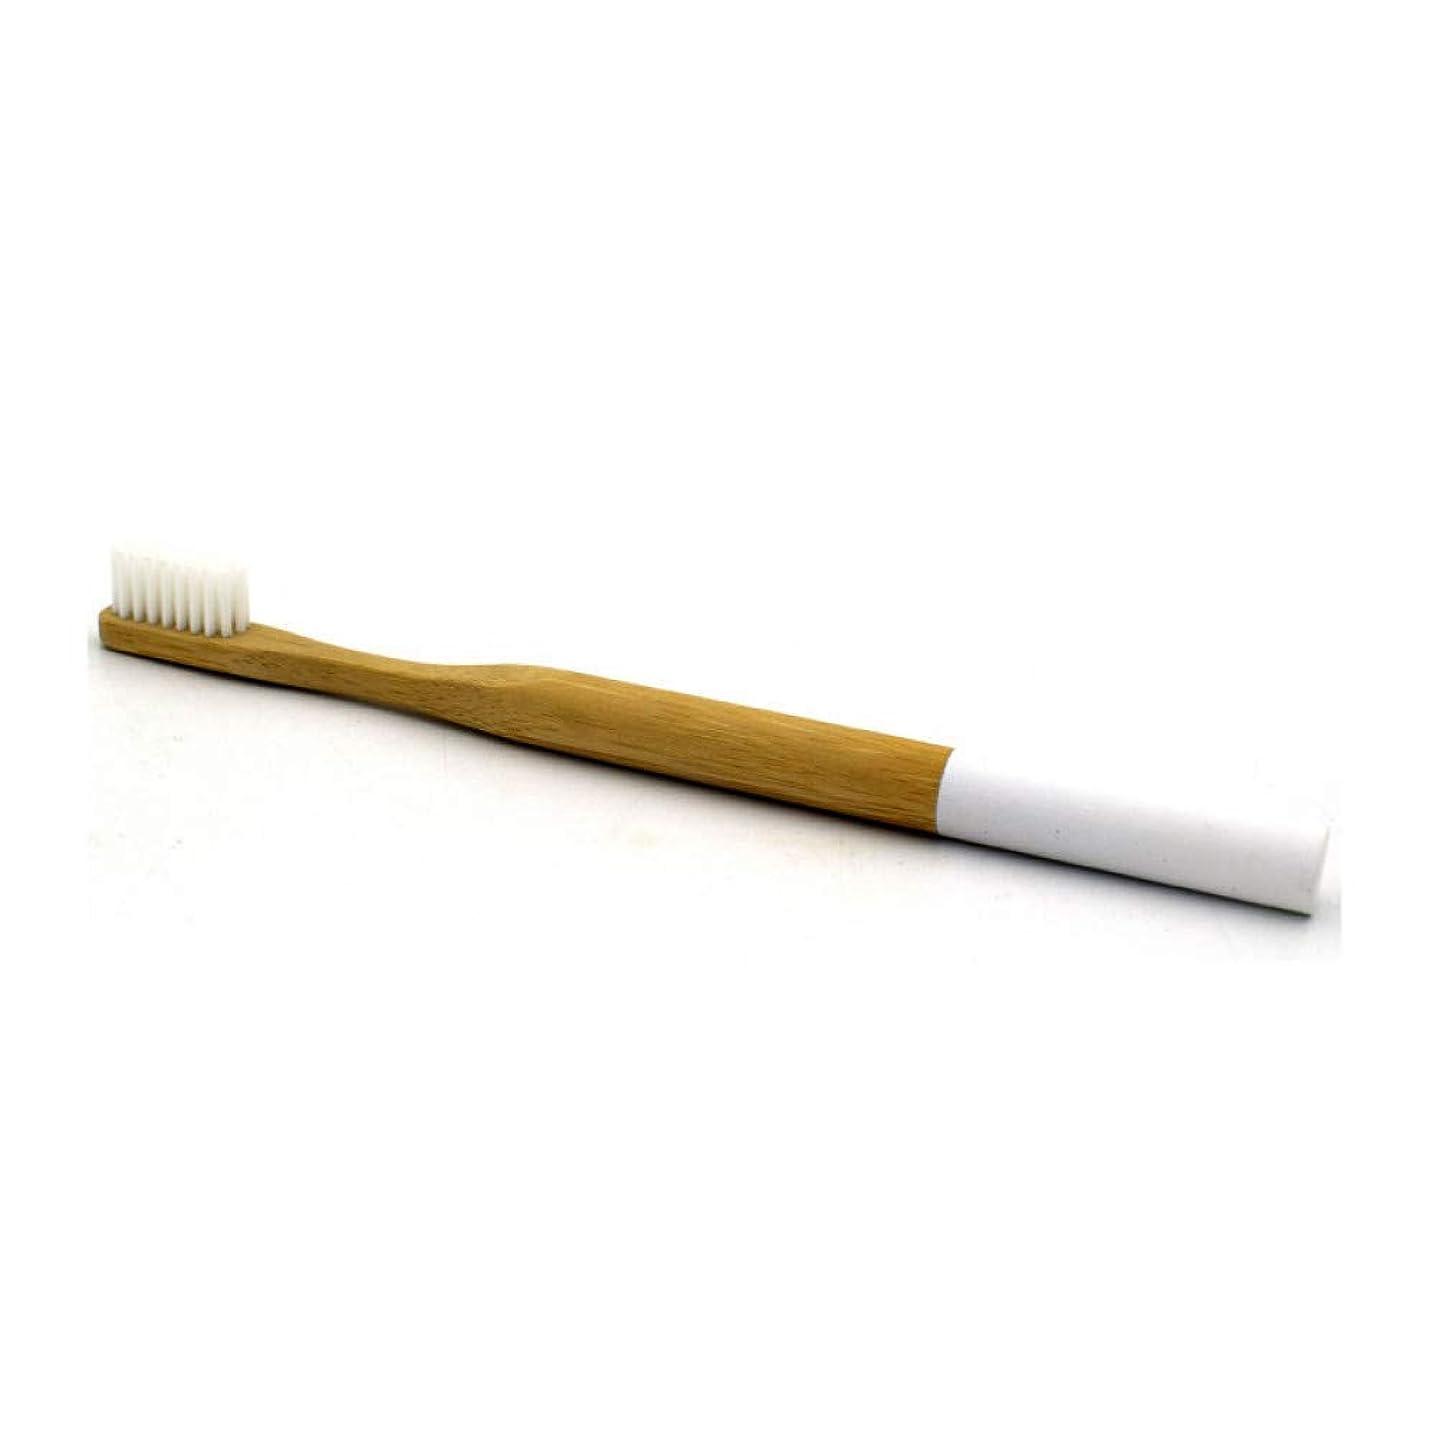 ロデオ補足静けさ1ピース竹歯ブラシソフトヘッド環境にやさしい竹ハンドル大人のための剛毛白歯ブラシ、ホワイト